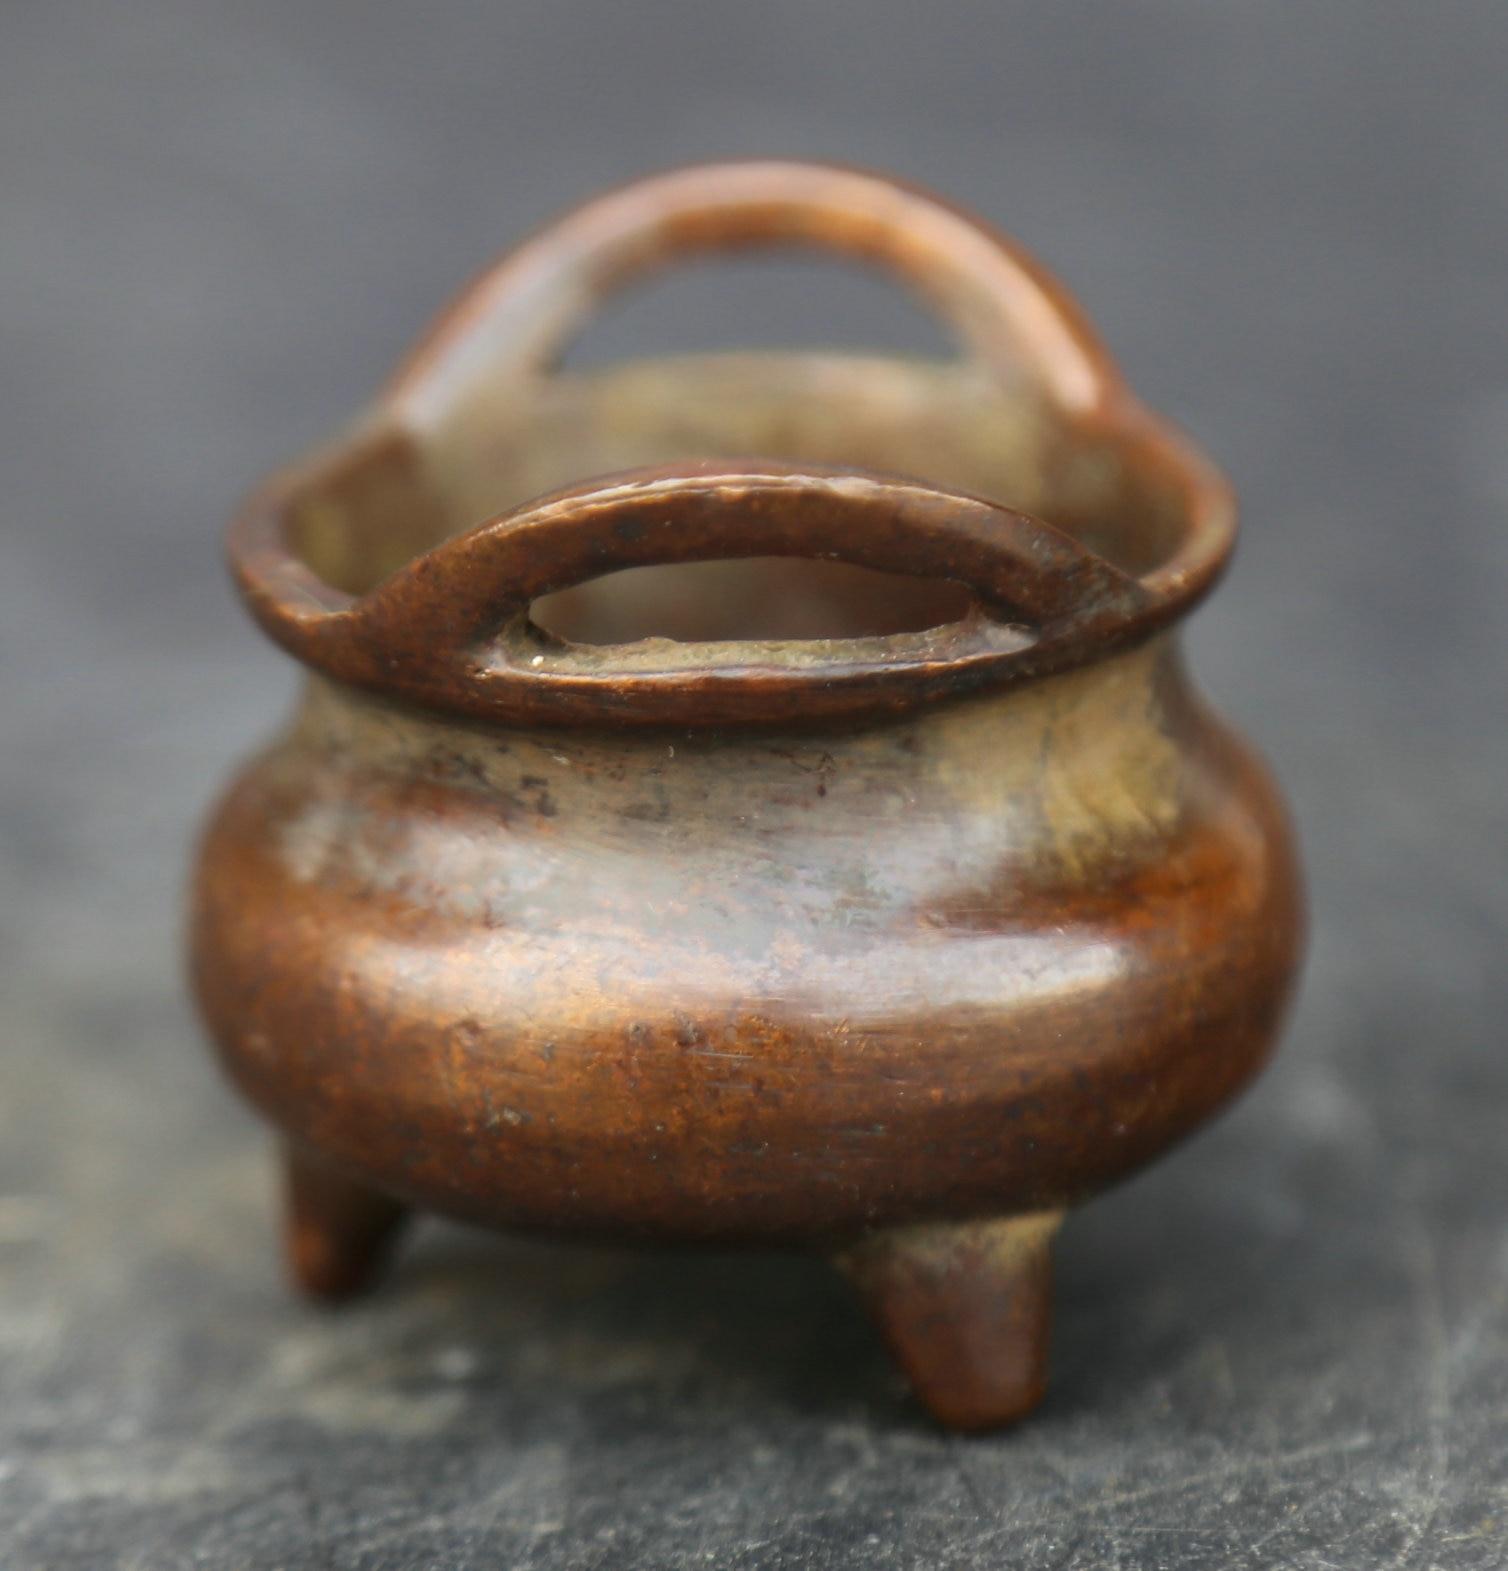 """53MM/2,1 """"colección Fengshui bronce China exquisitos Aures Unitas incensario pequeño incensario Thurible 172g"""